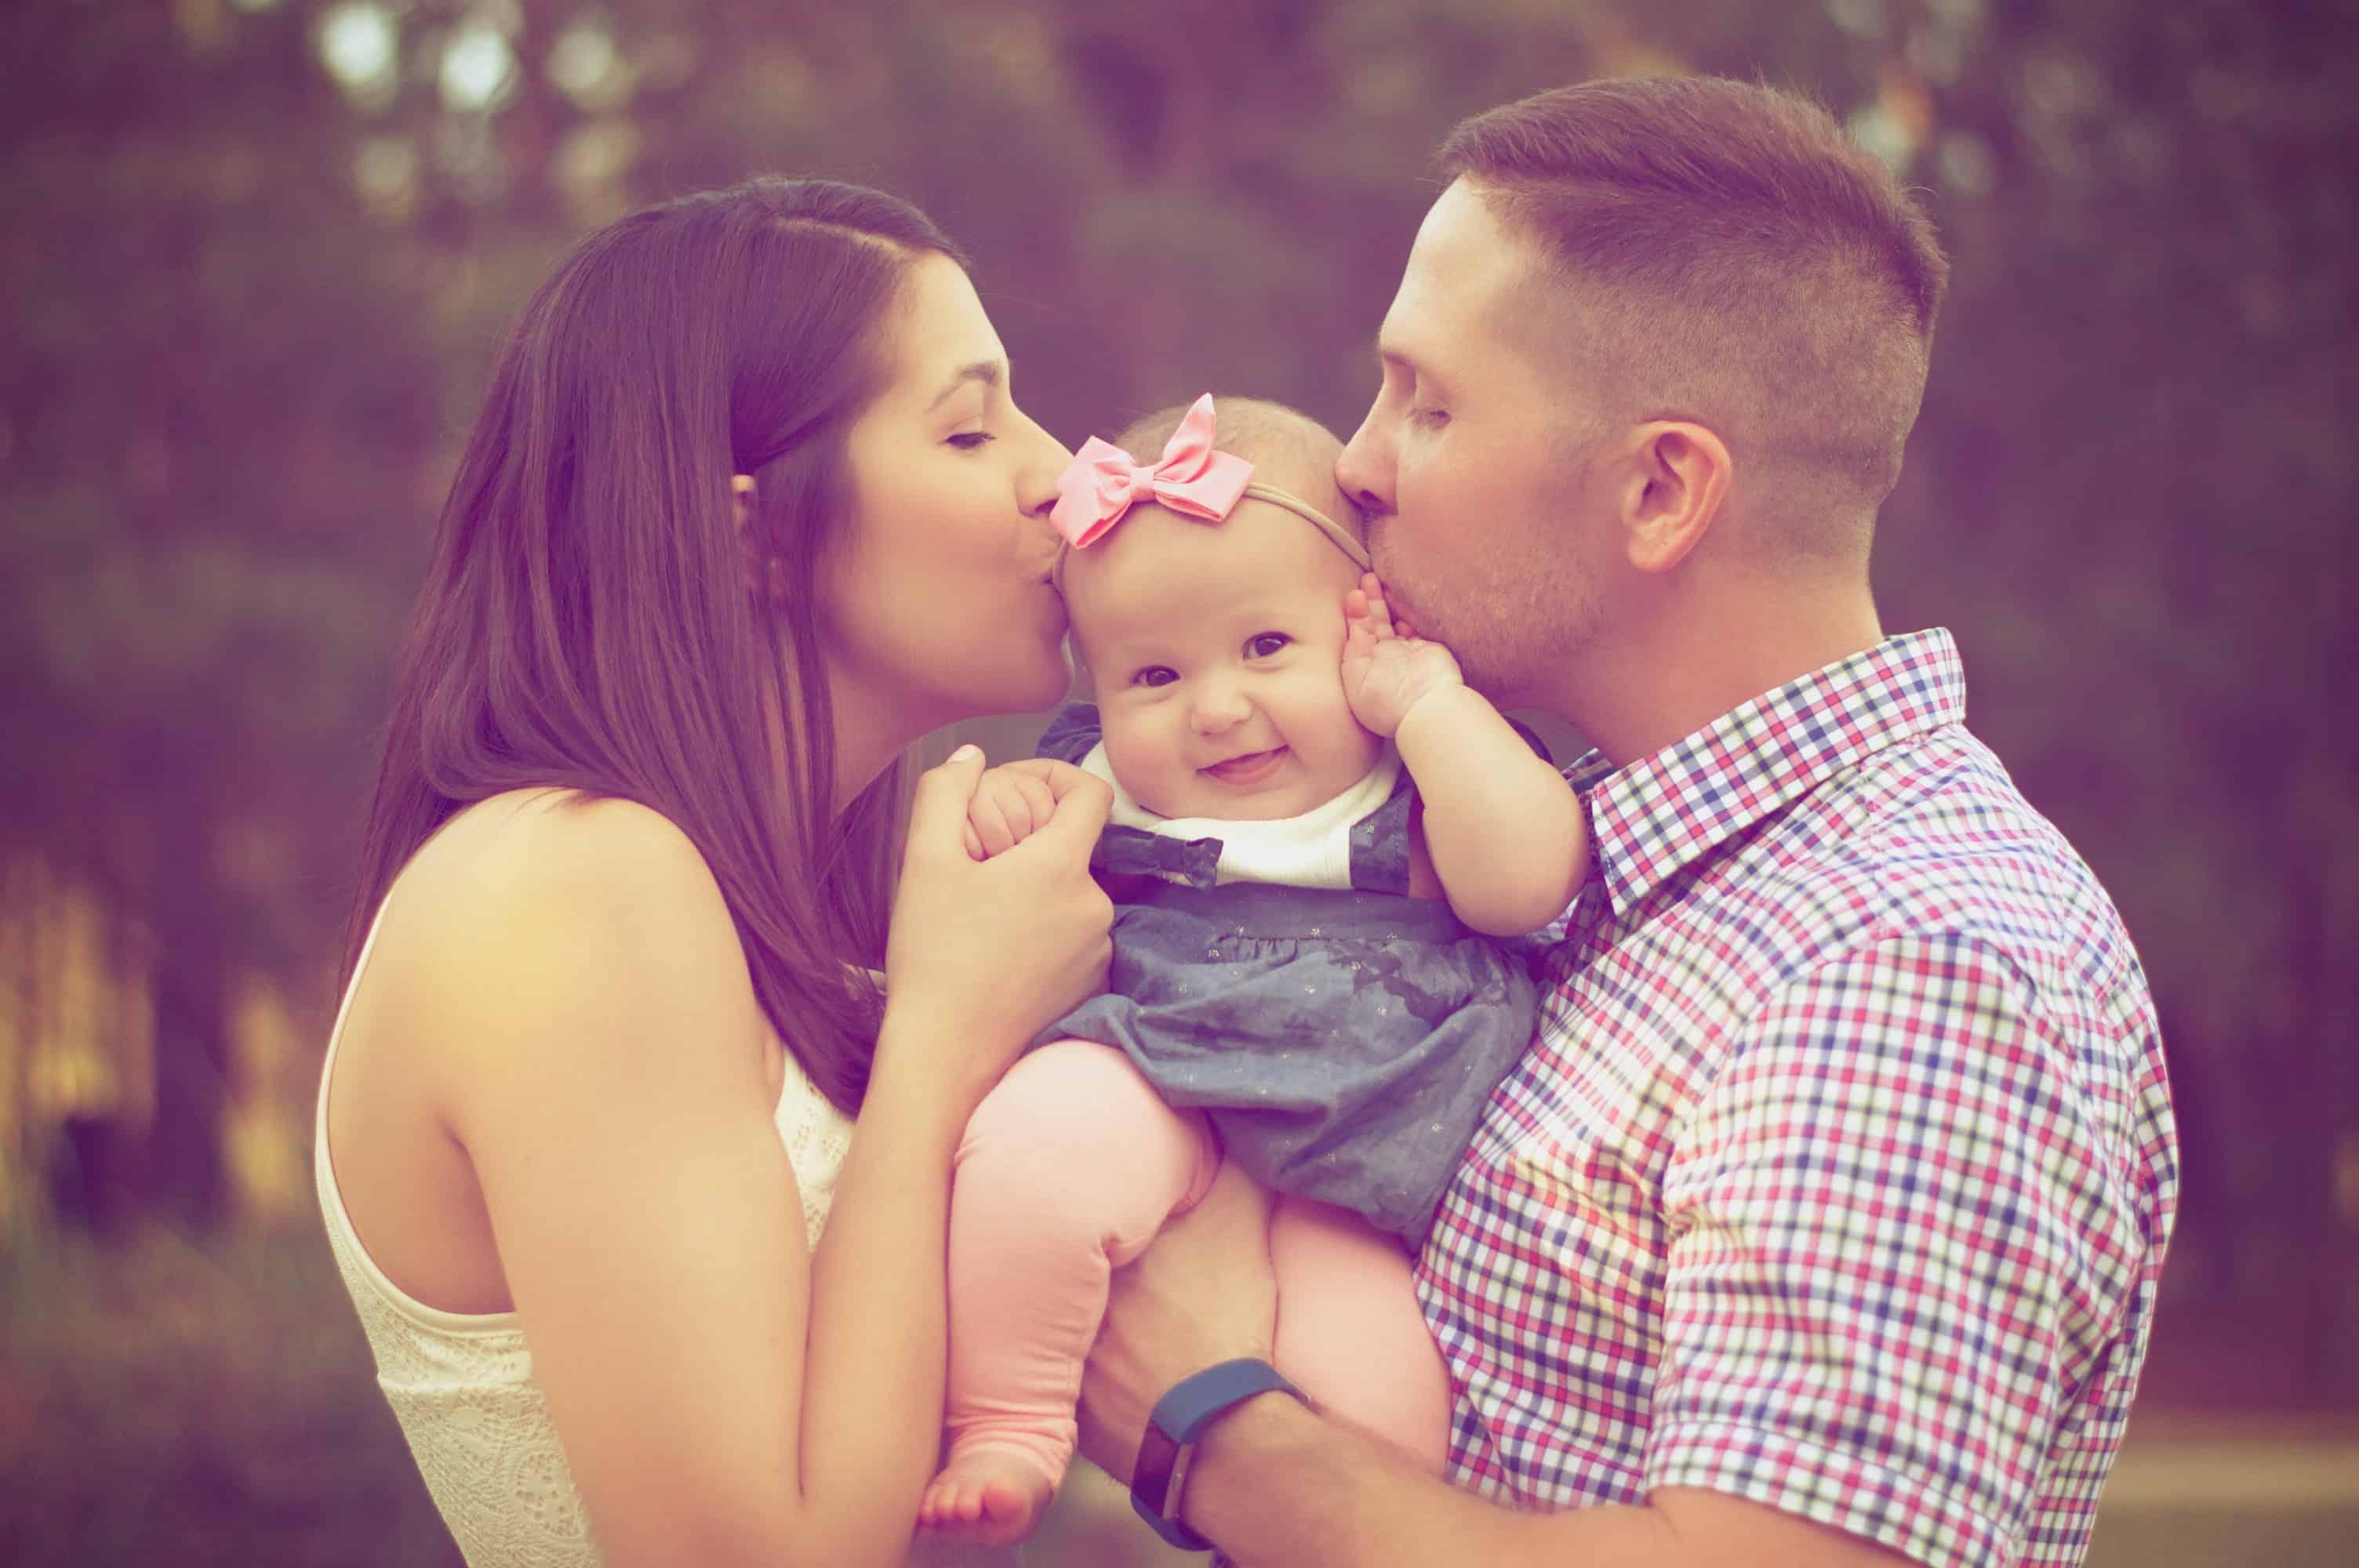 Картинка с любовью ребенку